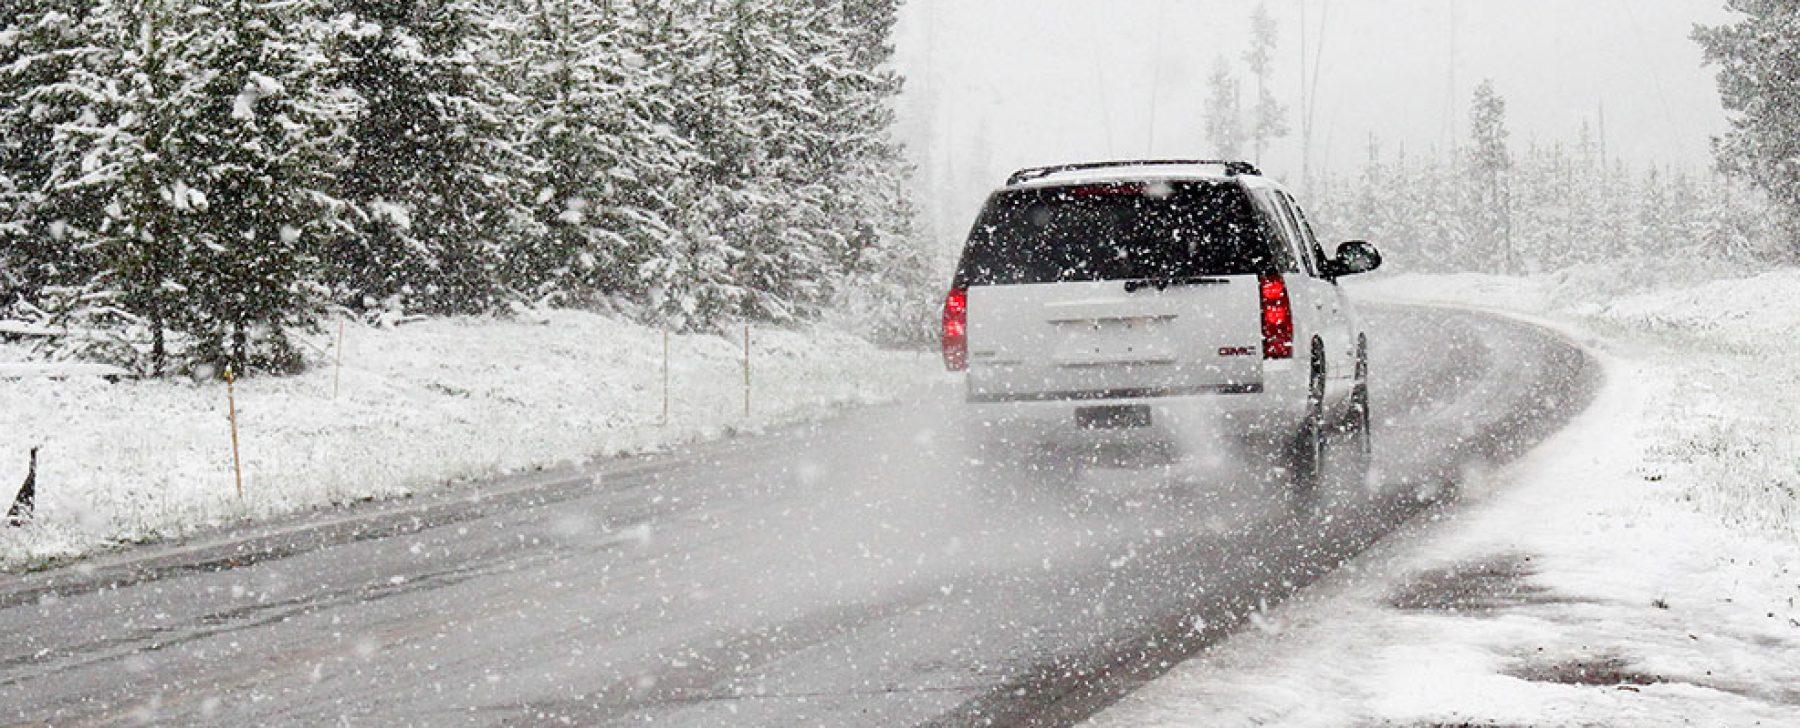 Precauciones en neumáticos, frenos y anticongelante cuando manejamos con nieve